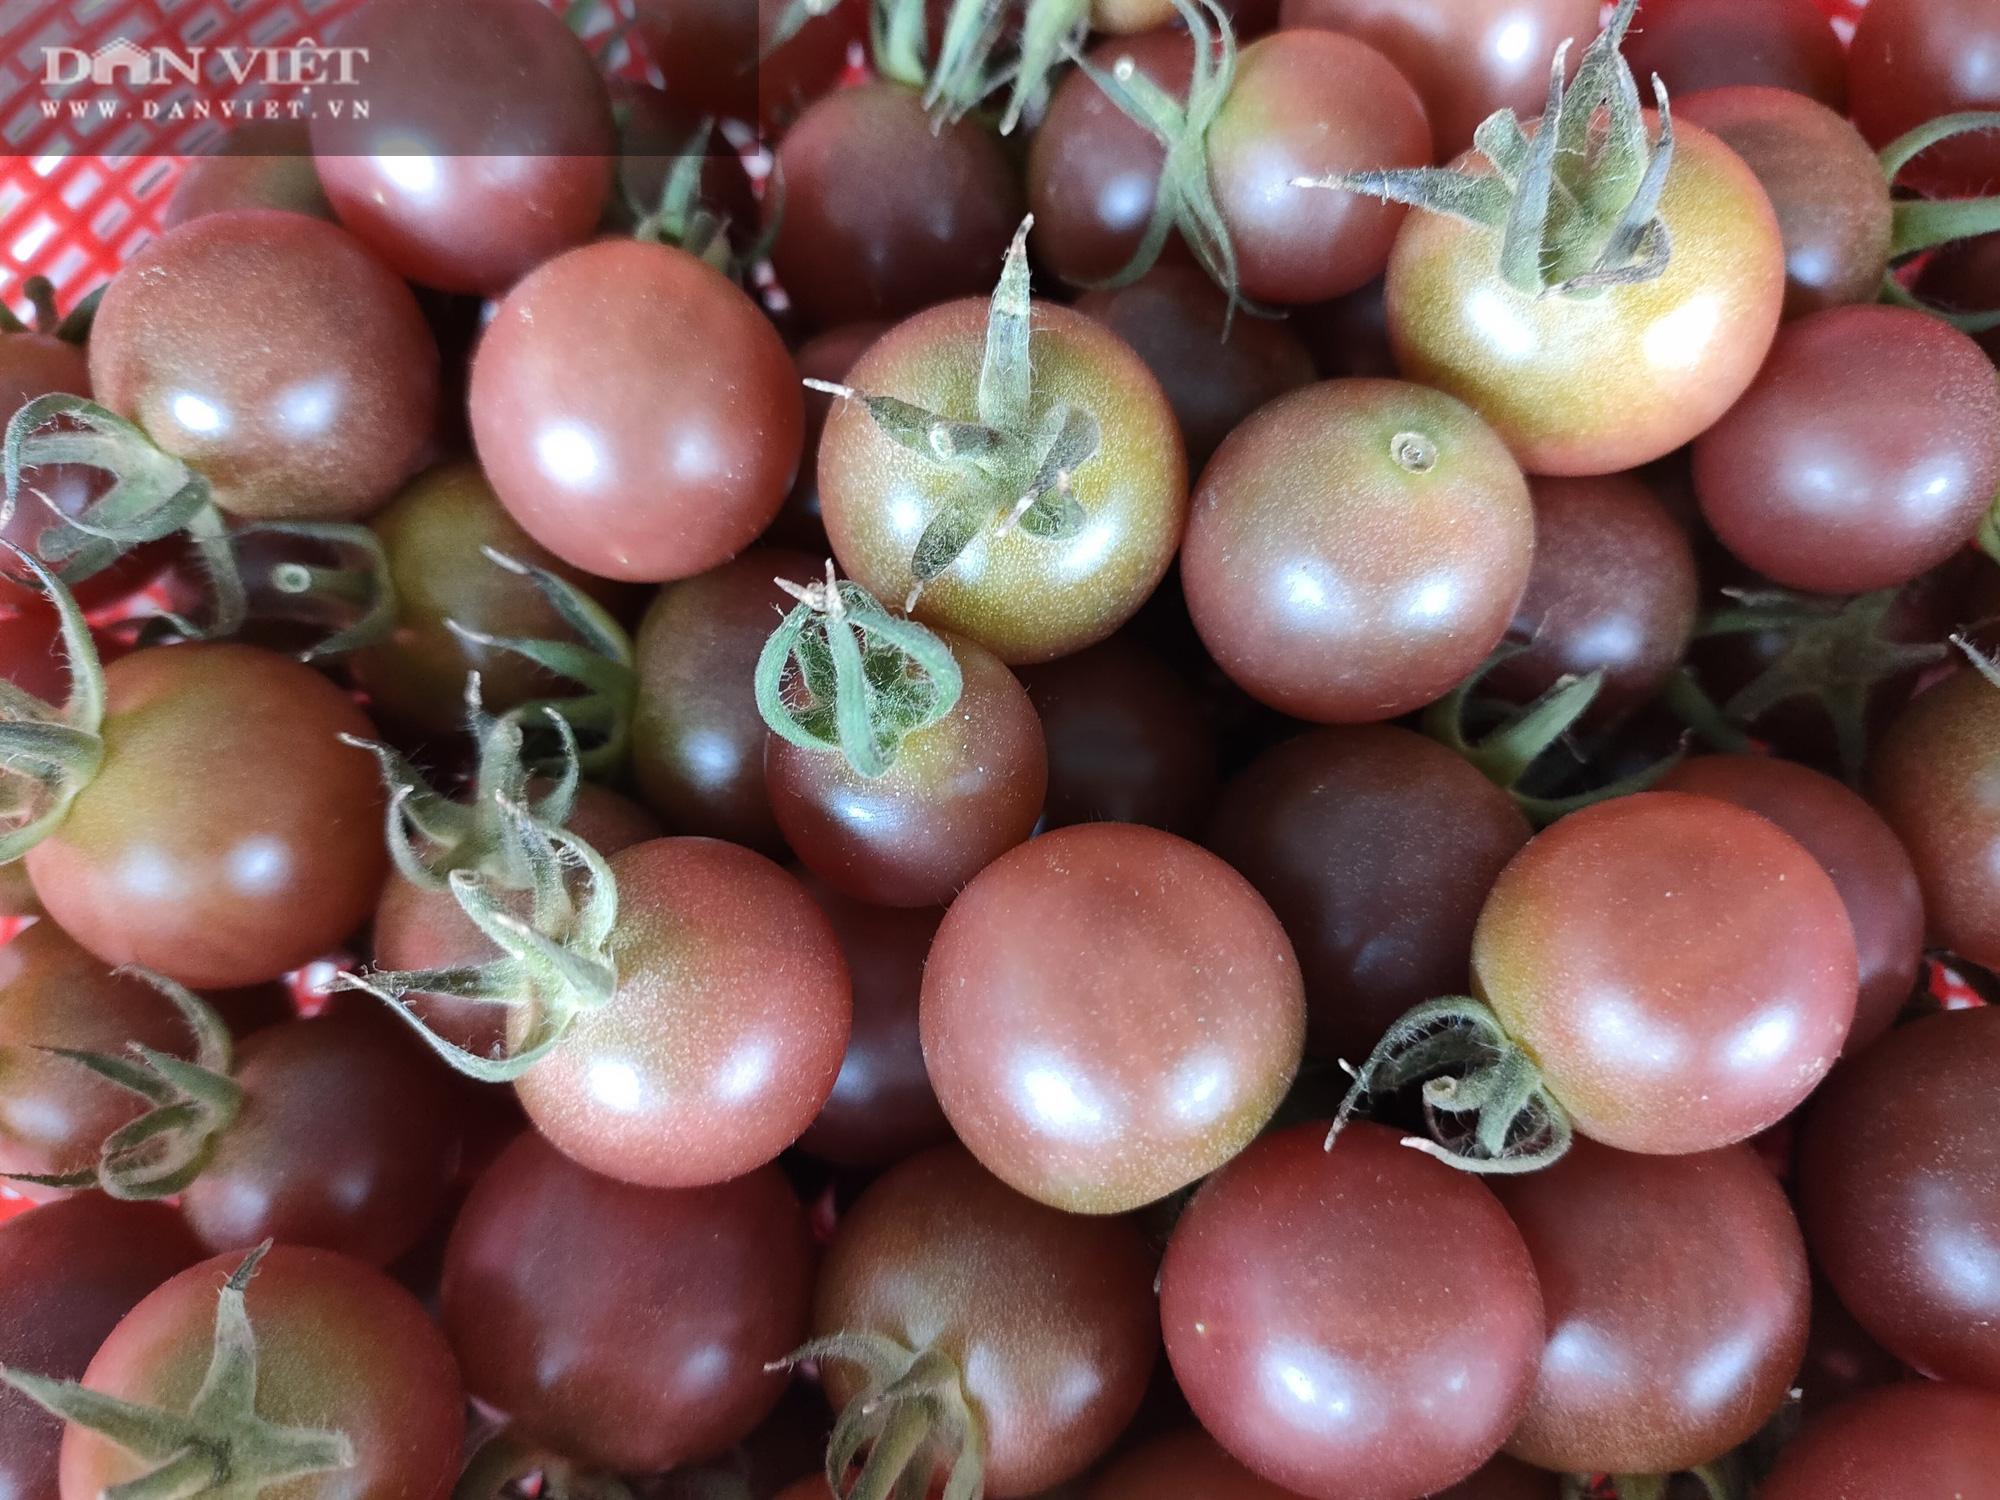 """Ngắm vườn cà chua chuỗi ngọc mọc """"chi chít"""" quả trên đồi - Ảnh 15."""